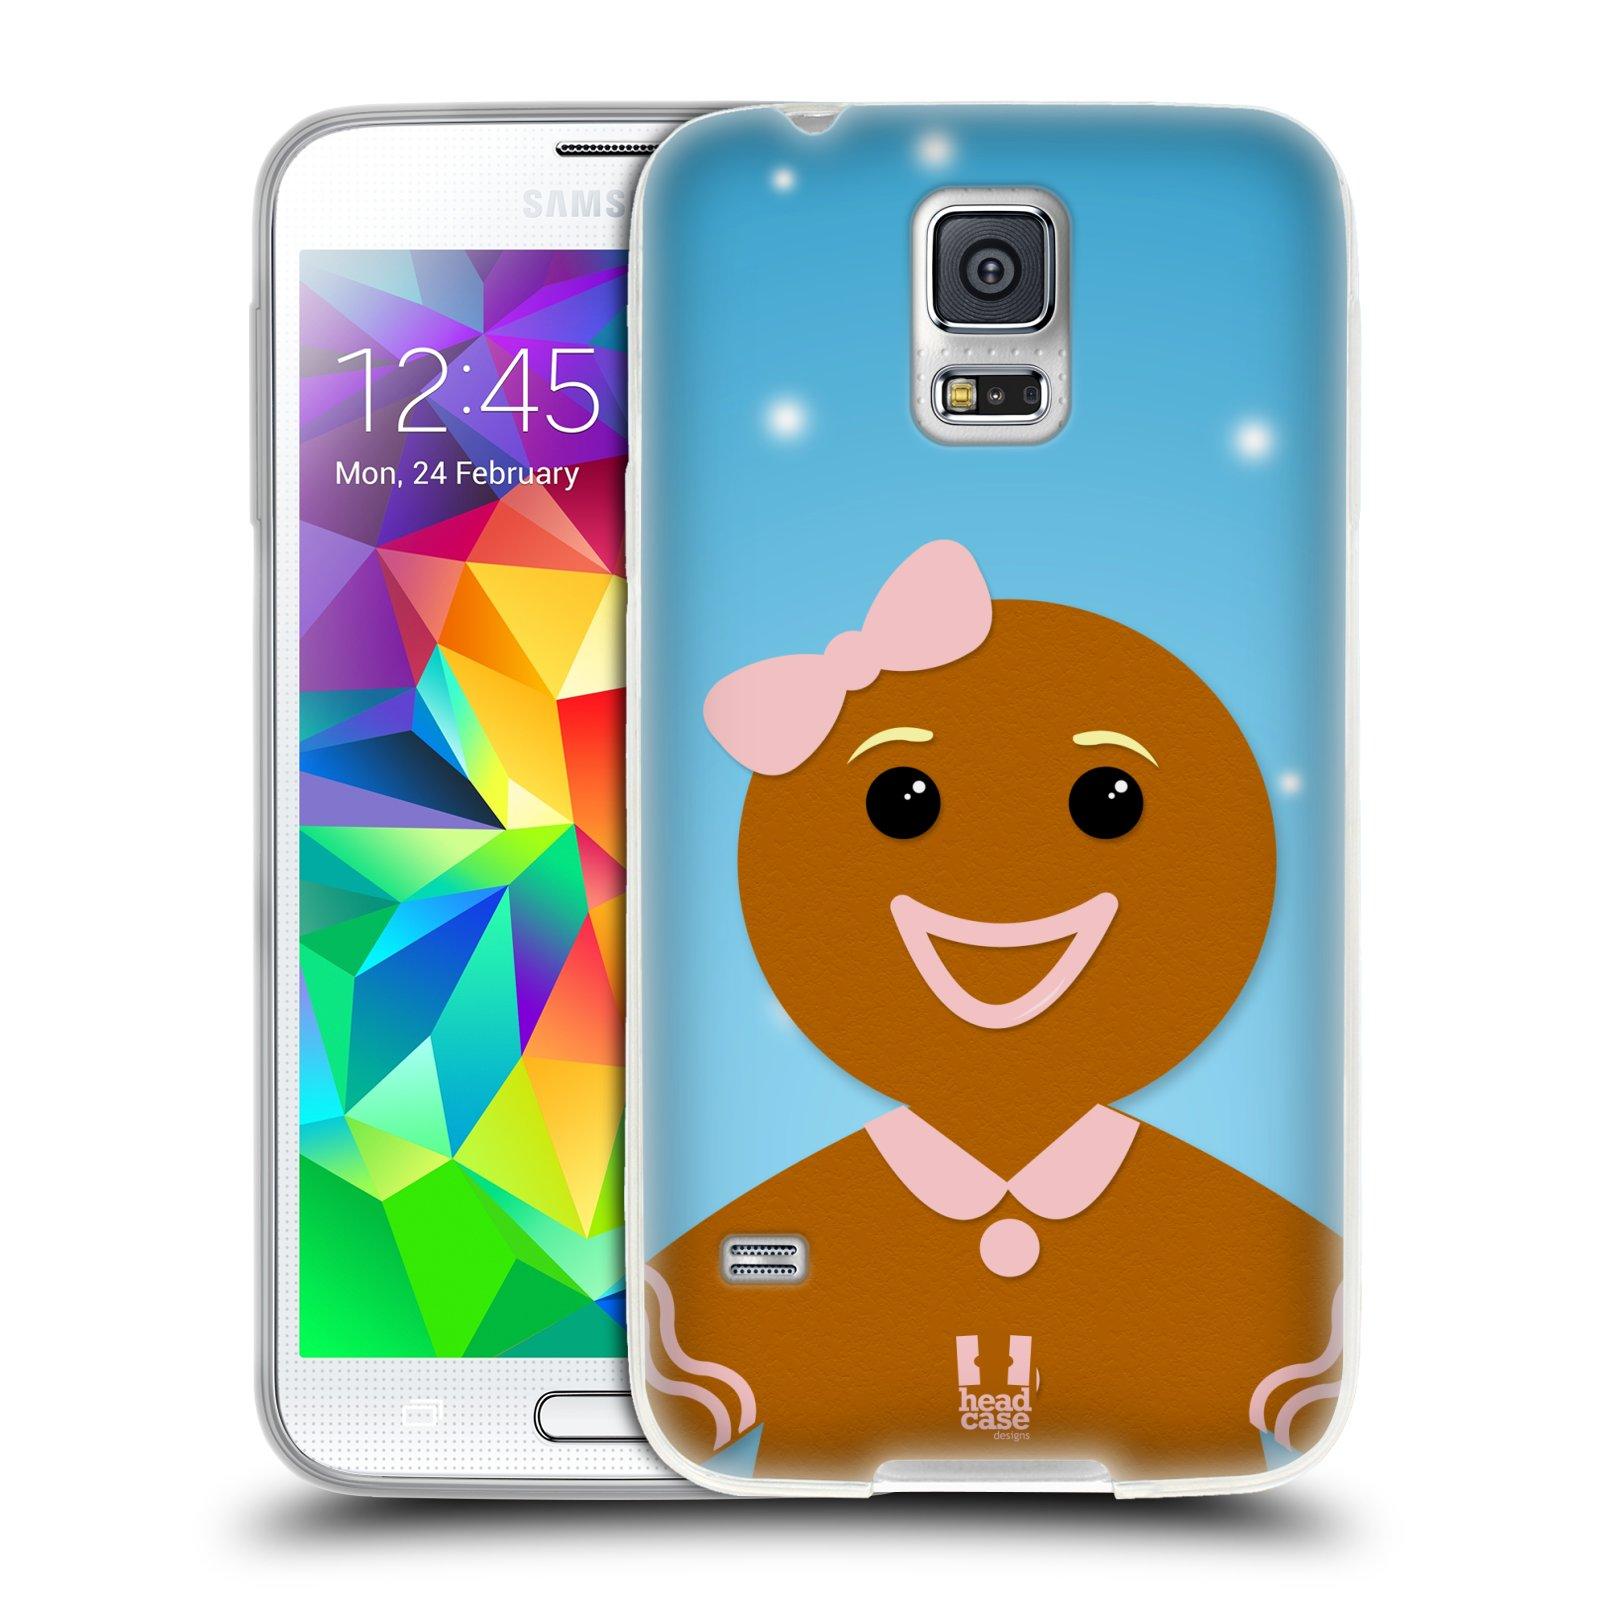 Silikonové pouzdro na mobil Samsung Galaxy S5 HEAD CASE VÁNOCE PERNÍČEK (Silikonový kryt či obal na mobilní telefon Samsung Galaxy S5 SM-G900F)